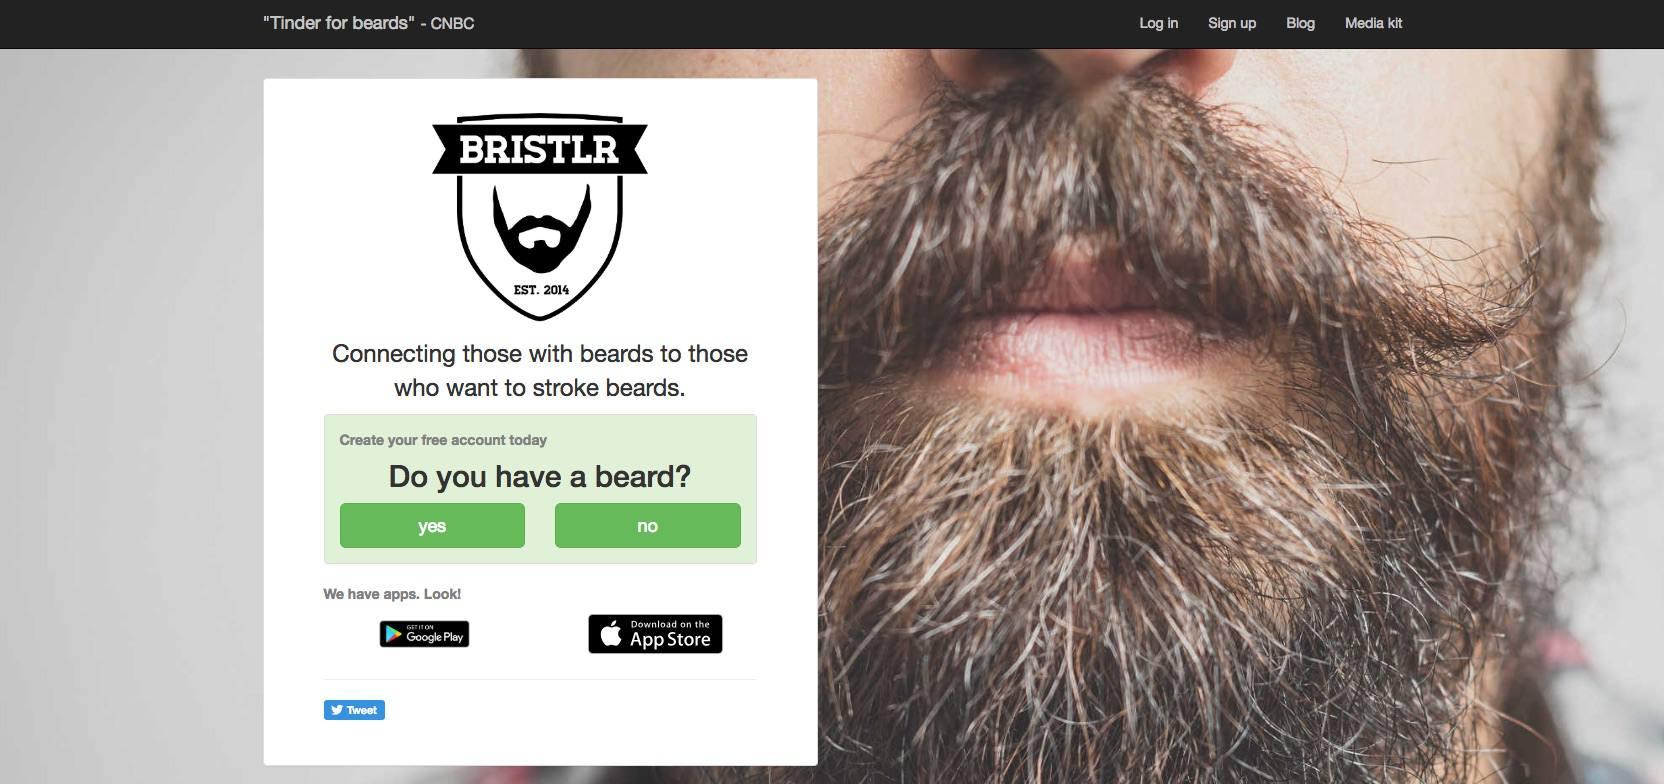 A screenshot of Bristlr.com.